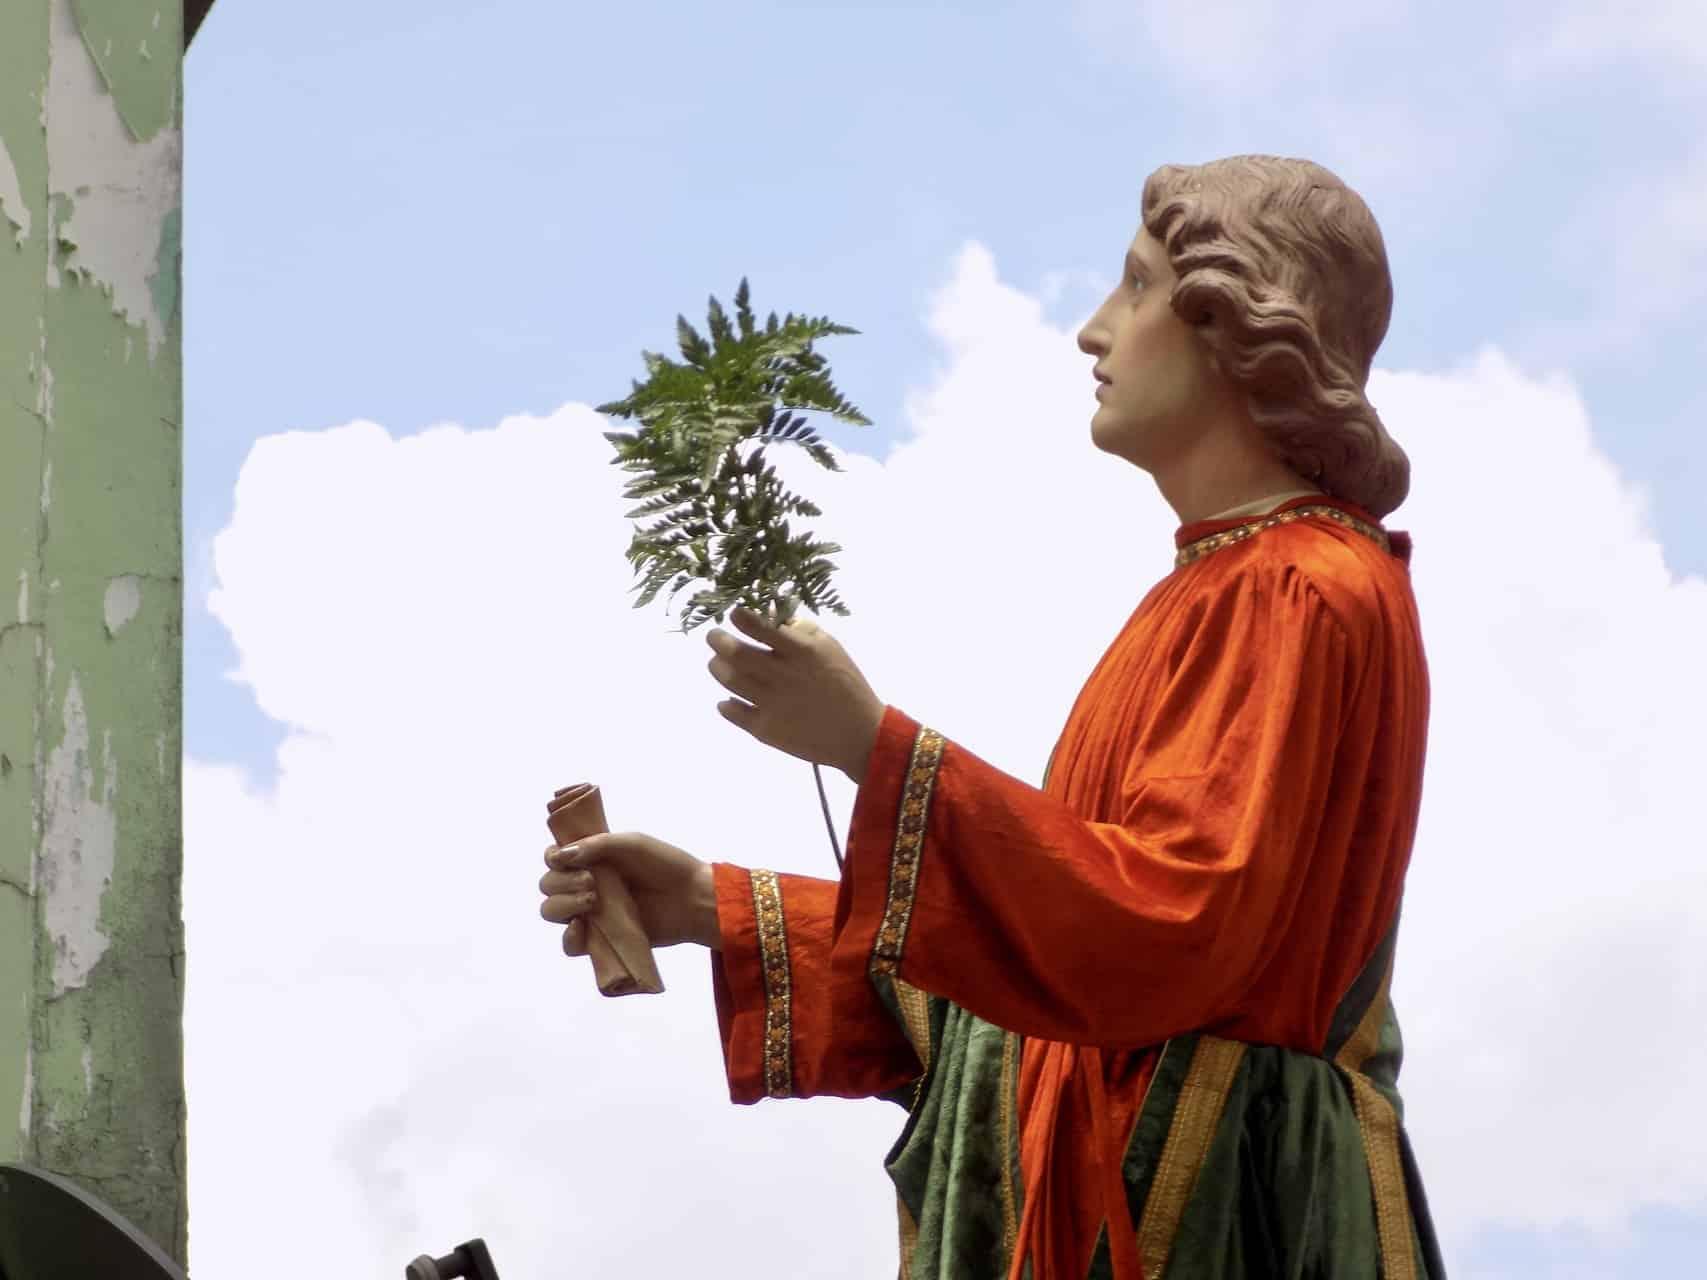 Palmsonntagsprozession (Bild: Martina Schäfer, Textrakt)